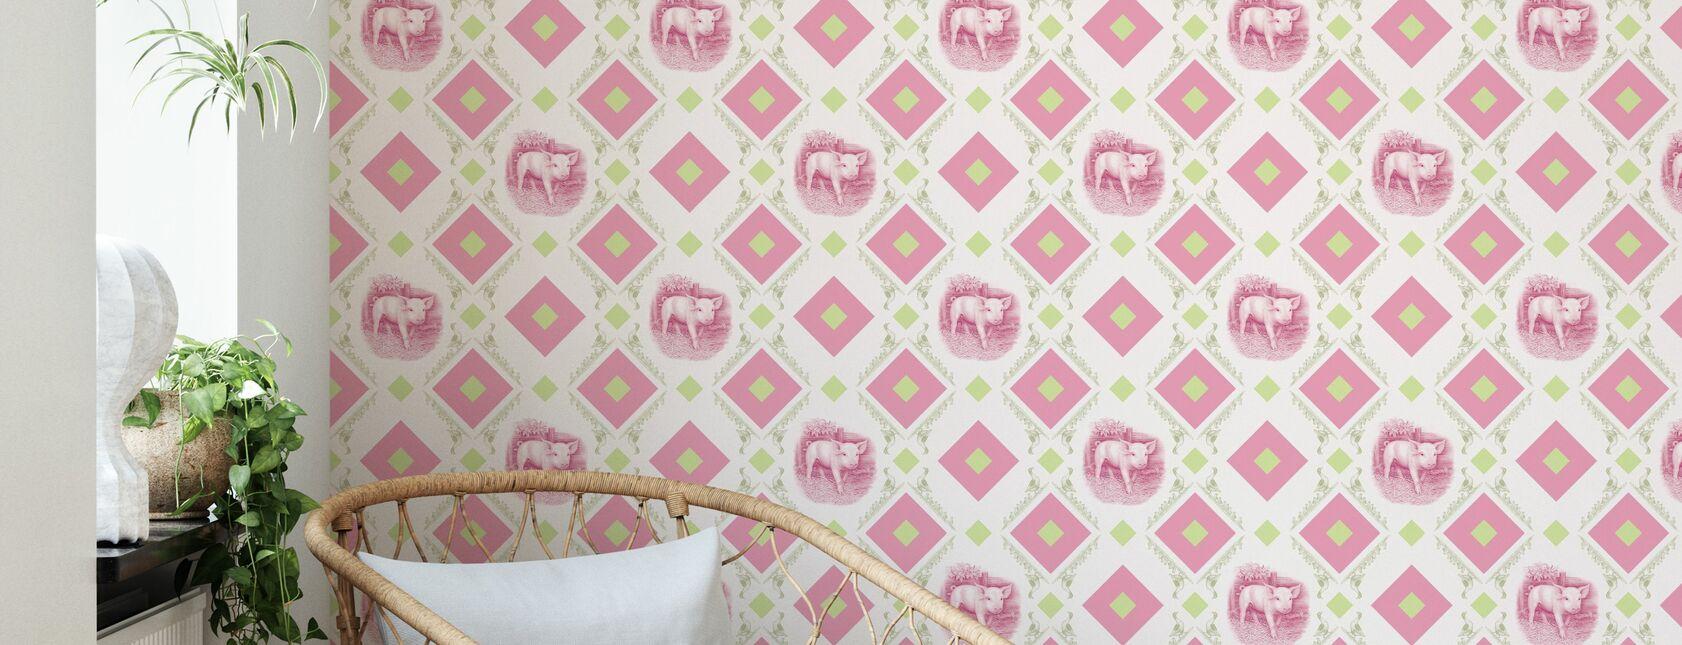 Pigglet - Gooseframe - Pinkki Vihreä - Tapetti - Olohuone